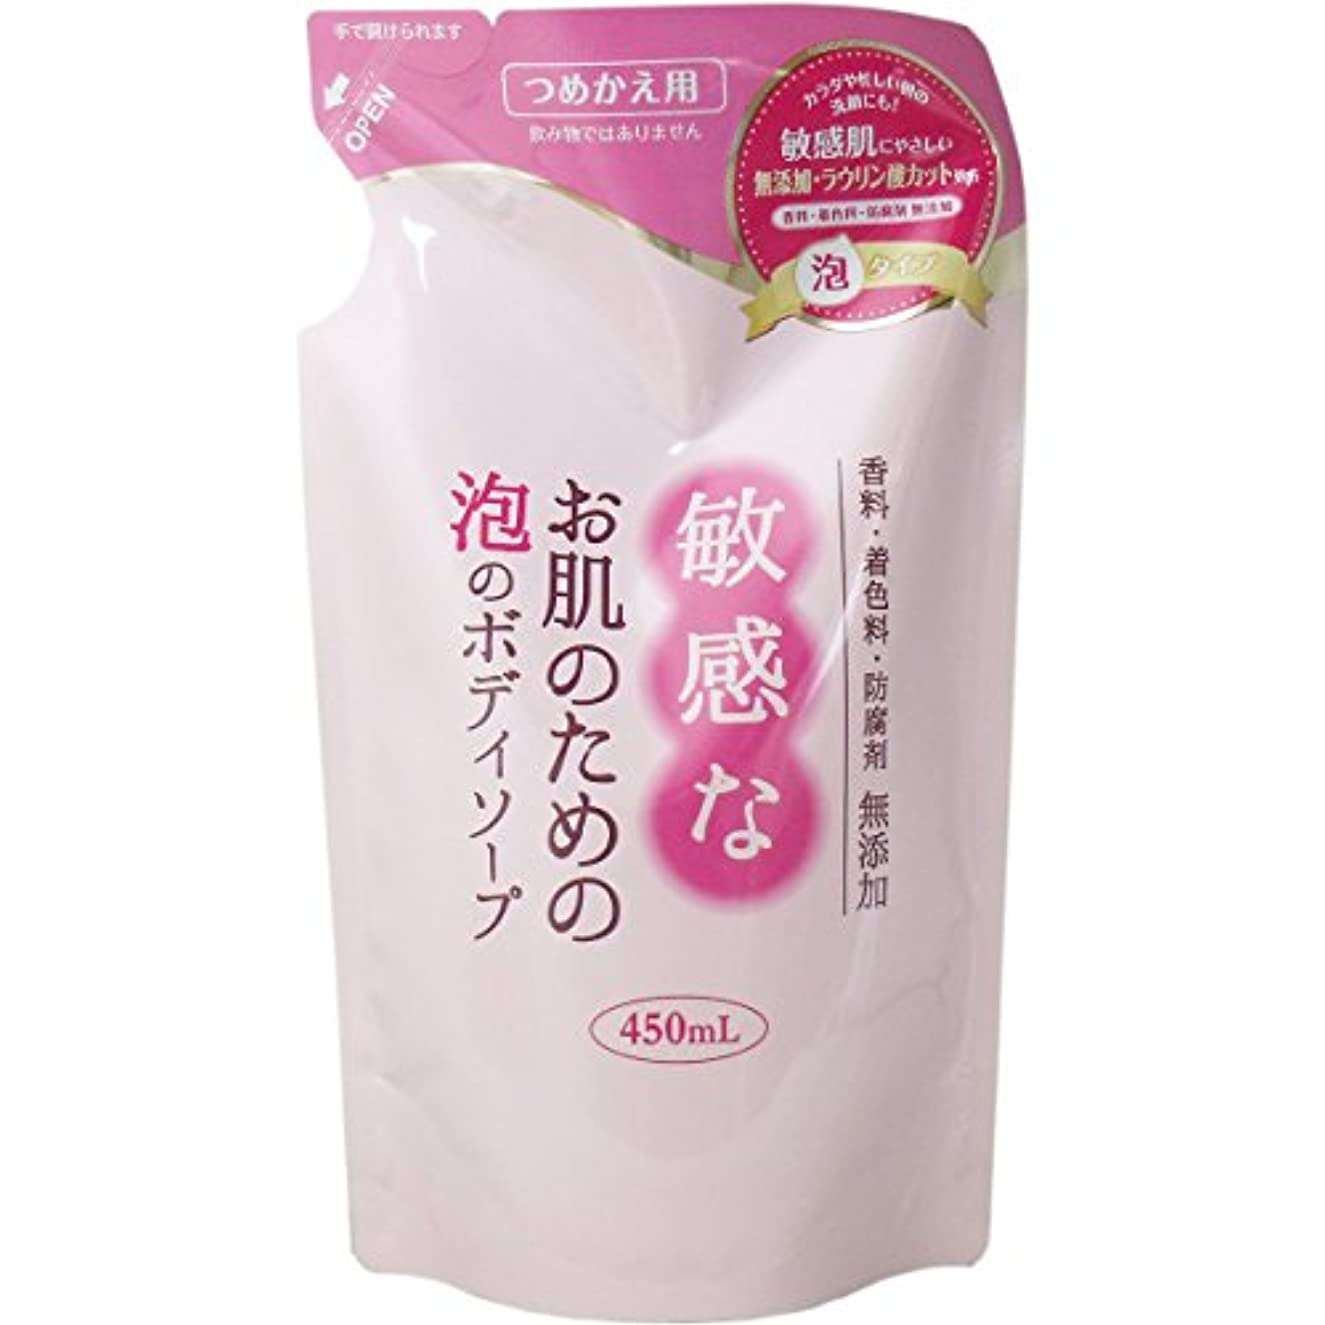 薄いです活性化する透明に敏感なお肌のための泡のボディソープ 詰替 450mL CBH-FBR